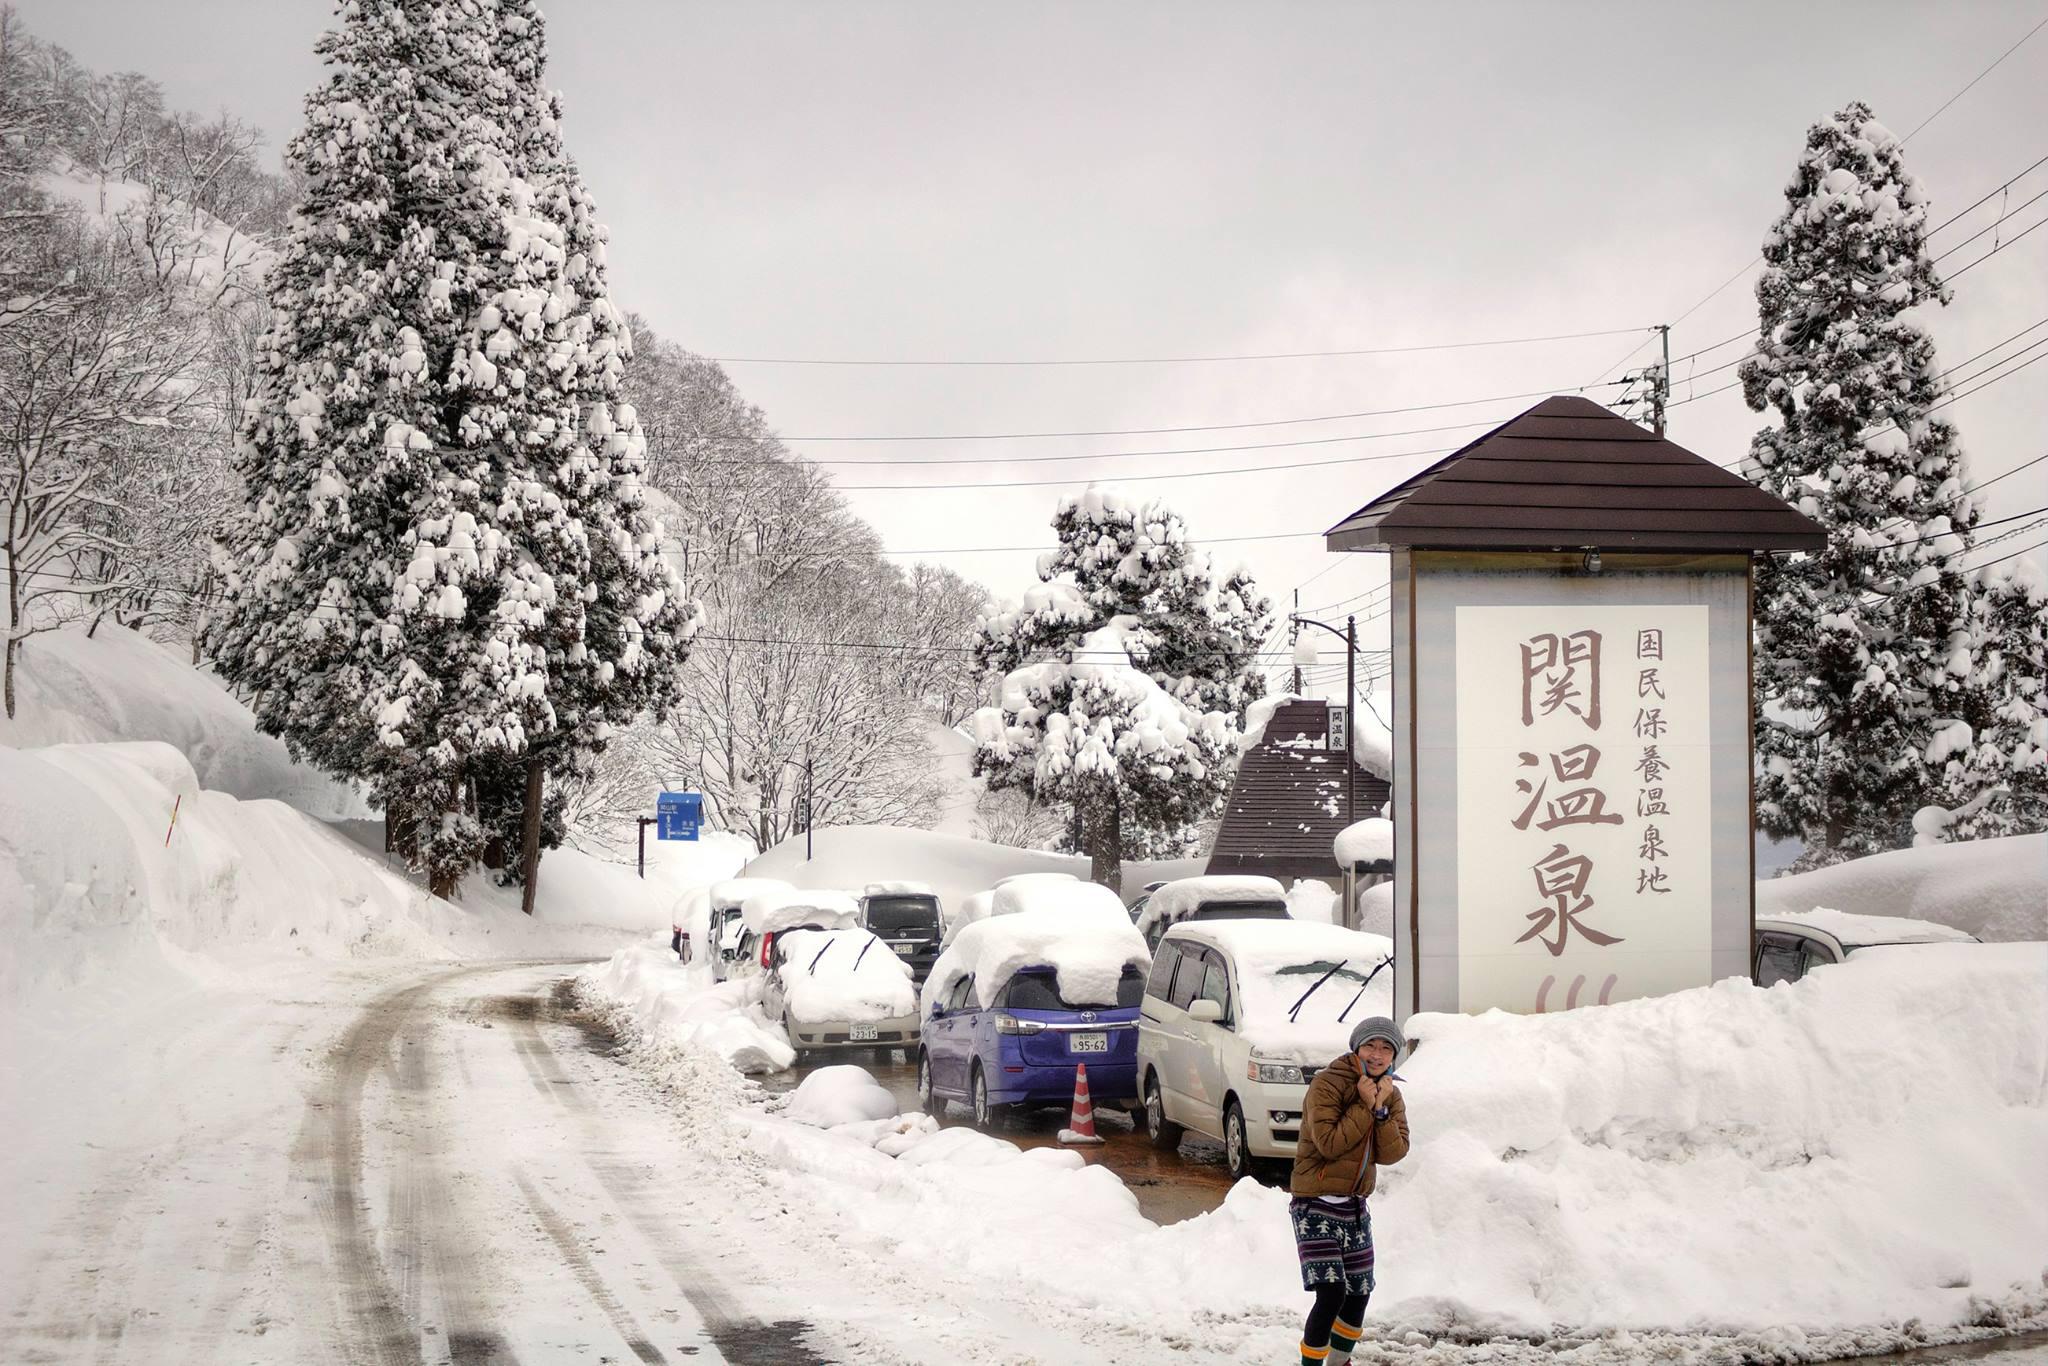 関温泉スキー場 (新潟県妙高市/スキー場)